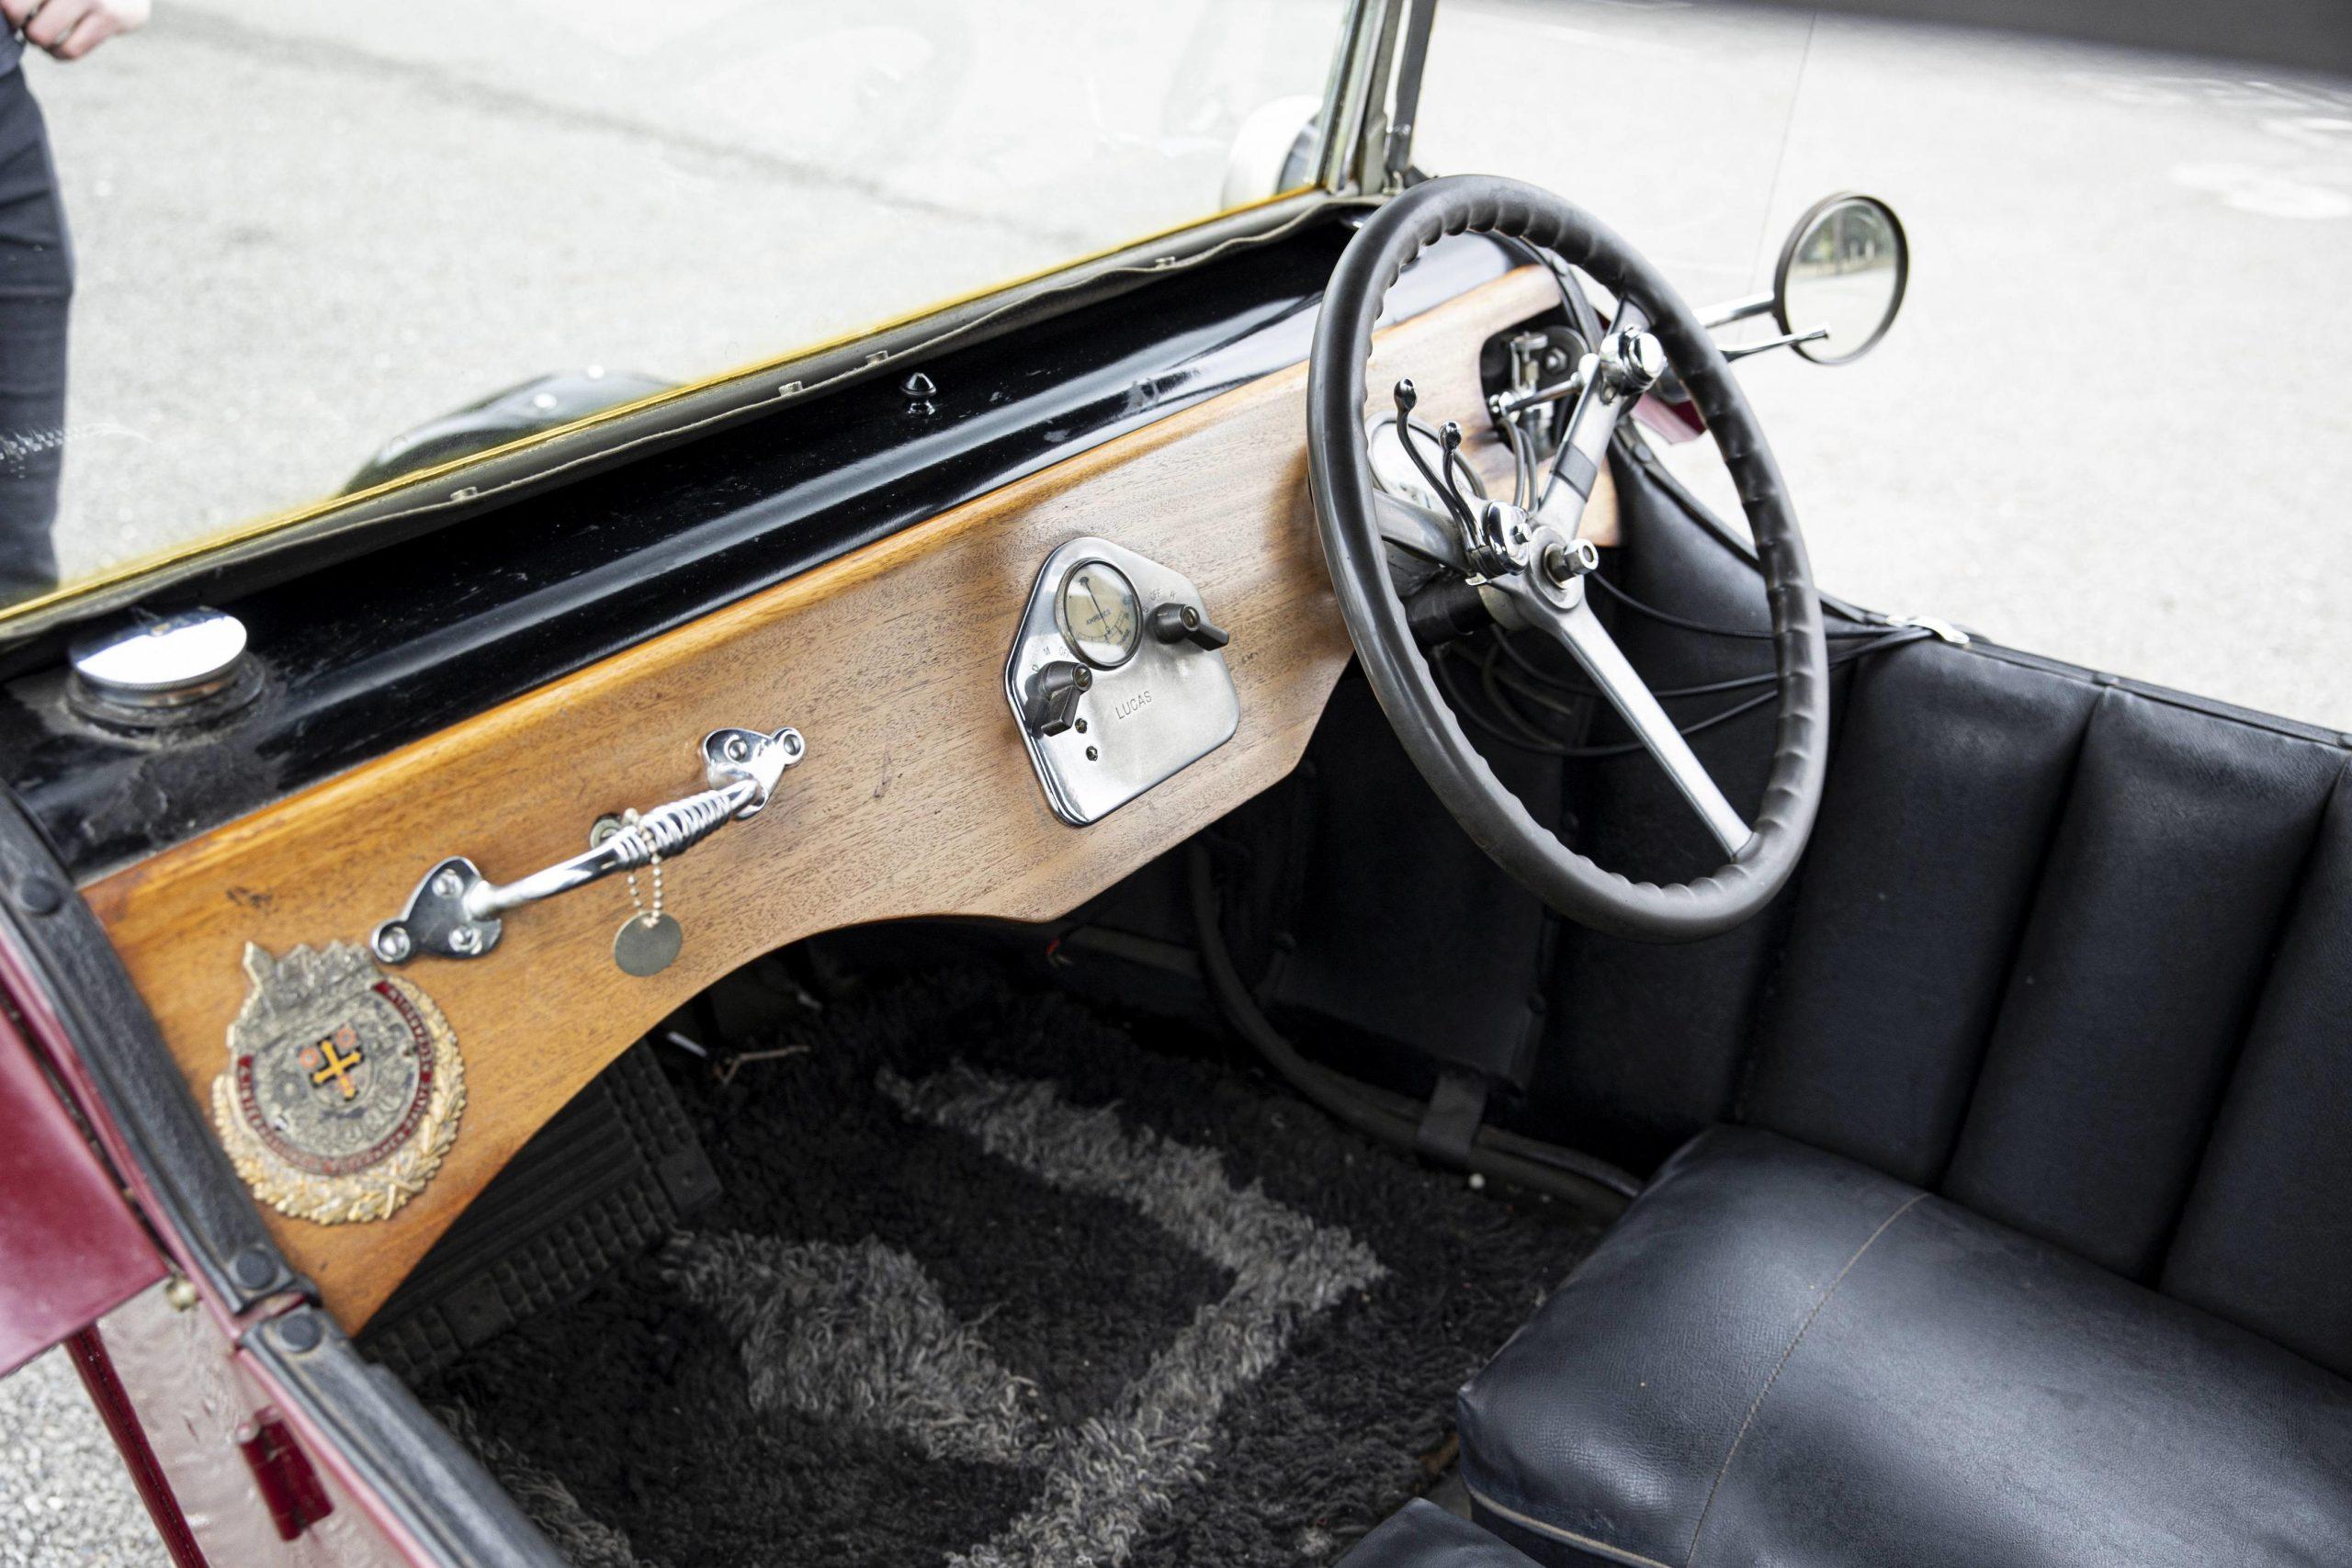 1925 Seal 980CC Motorcycle interior